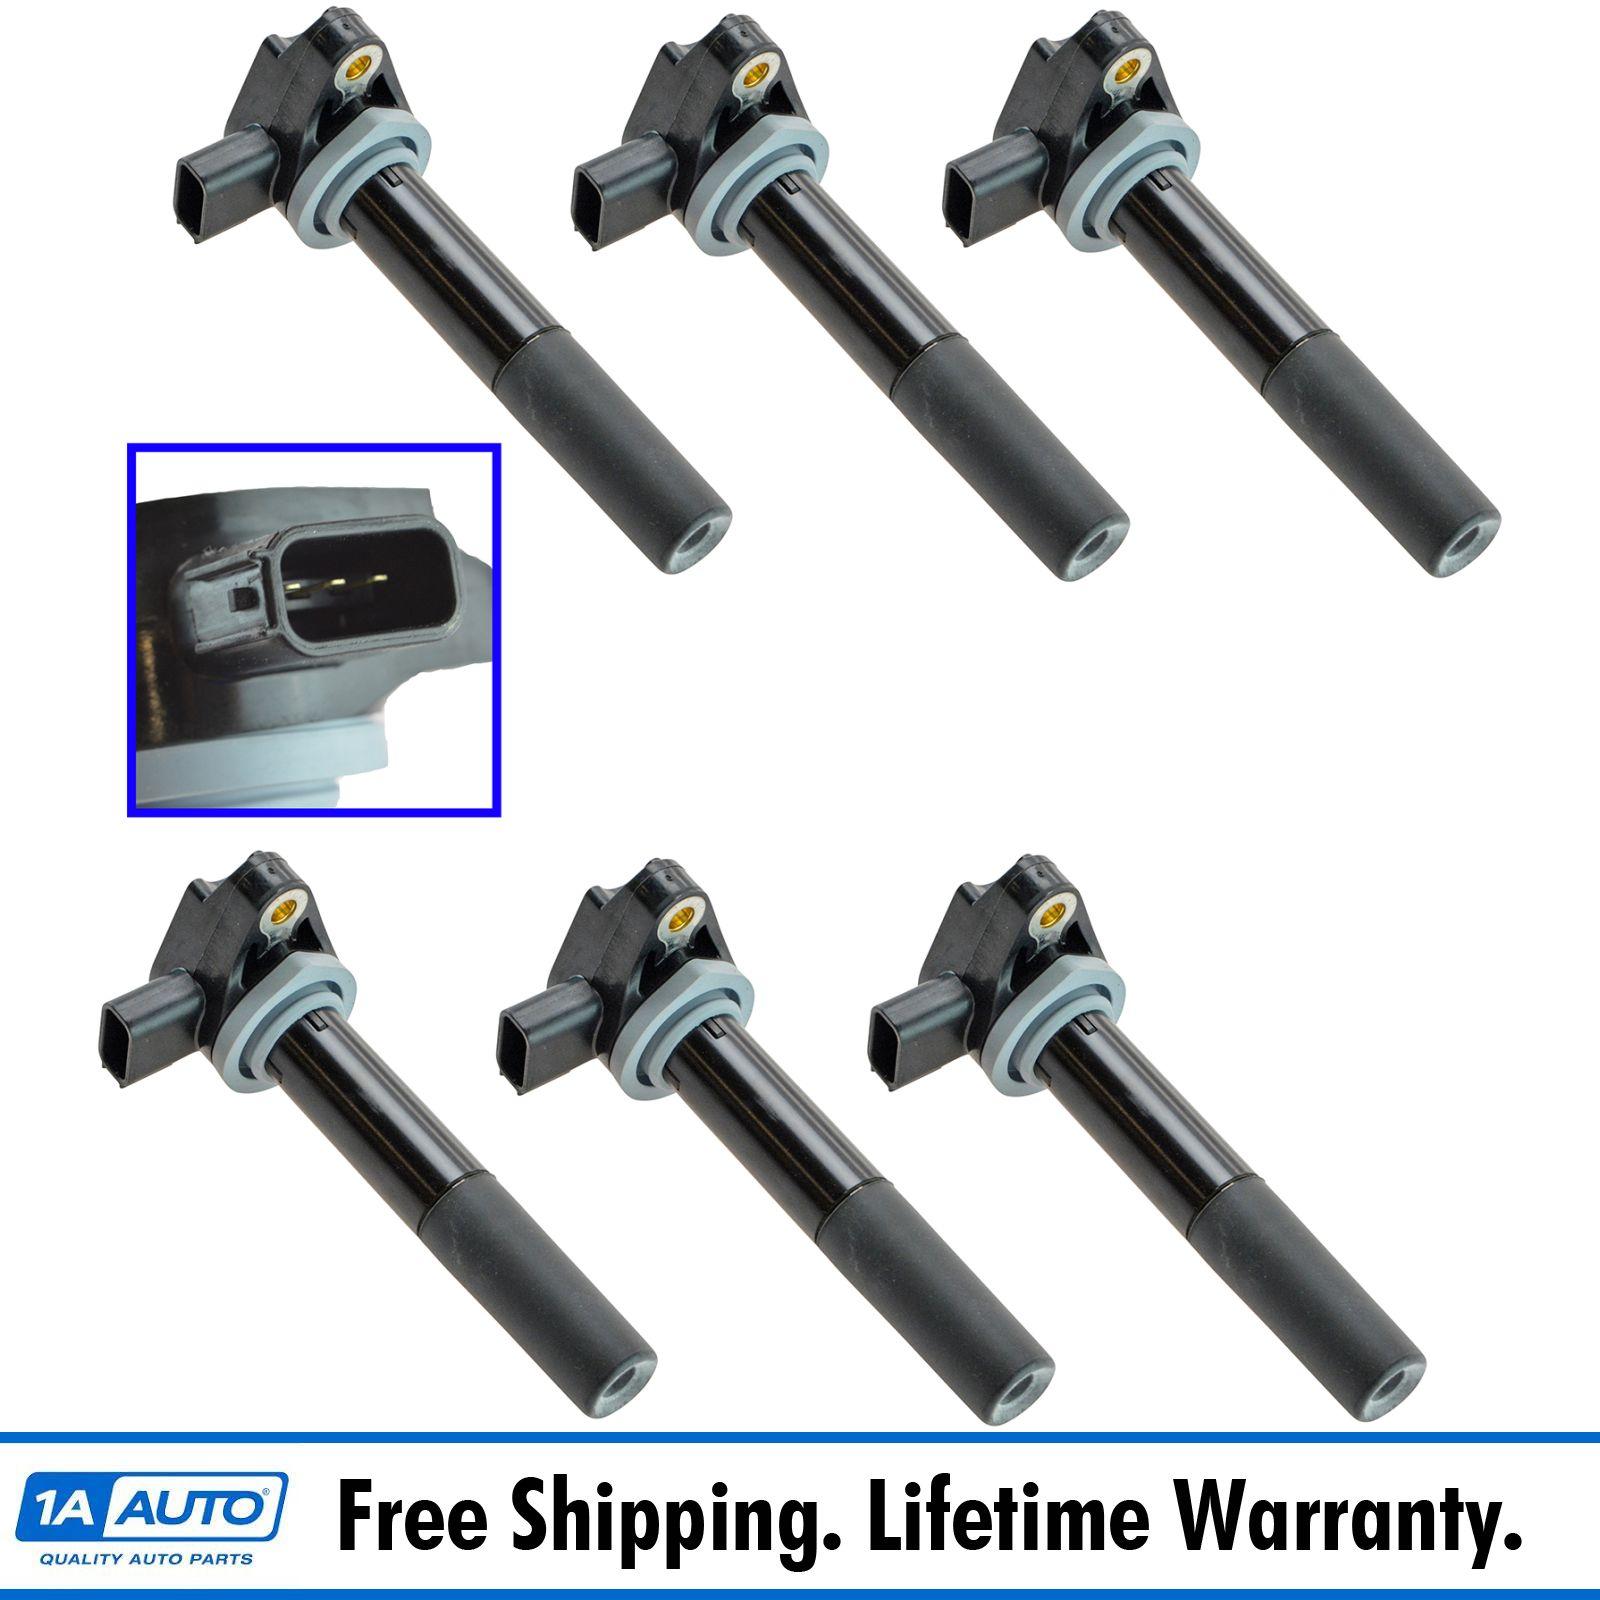 Dorman HW2850 Rear Driver Side Drum Brake Self-Adjuster Repair Kit for Select Smart Models